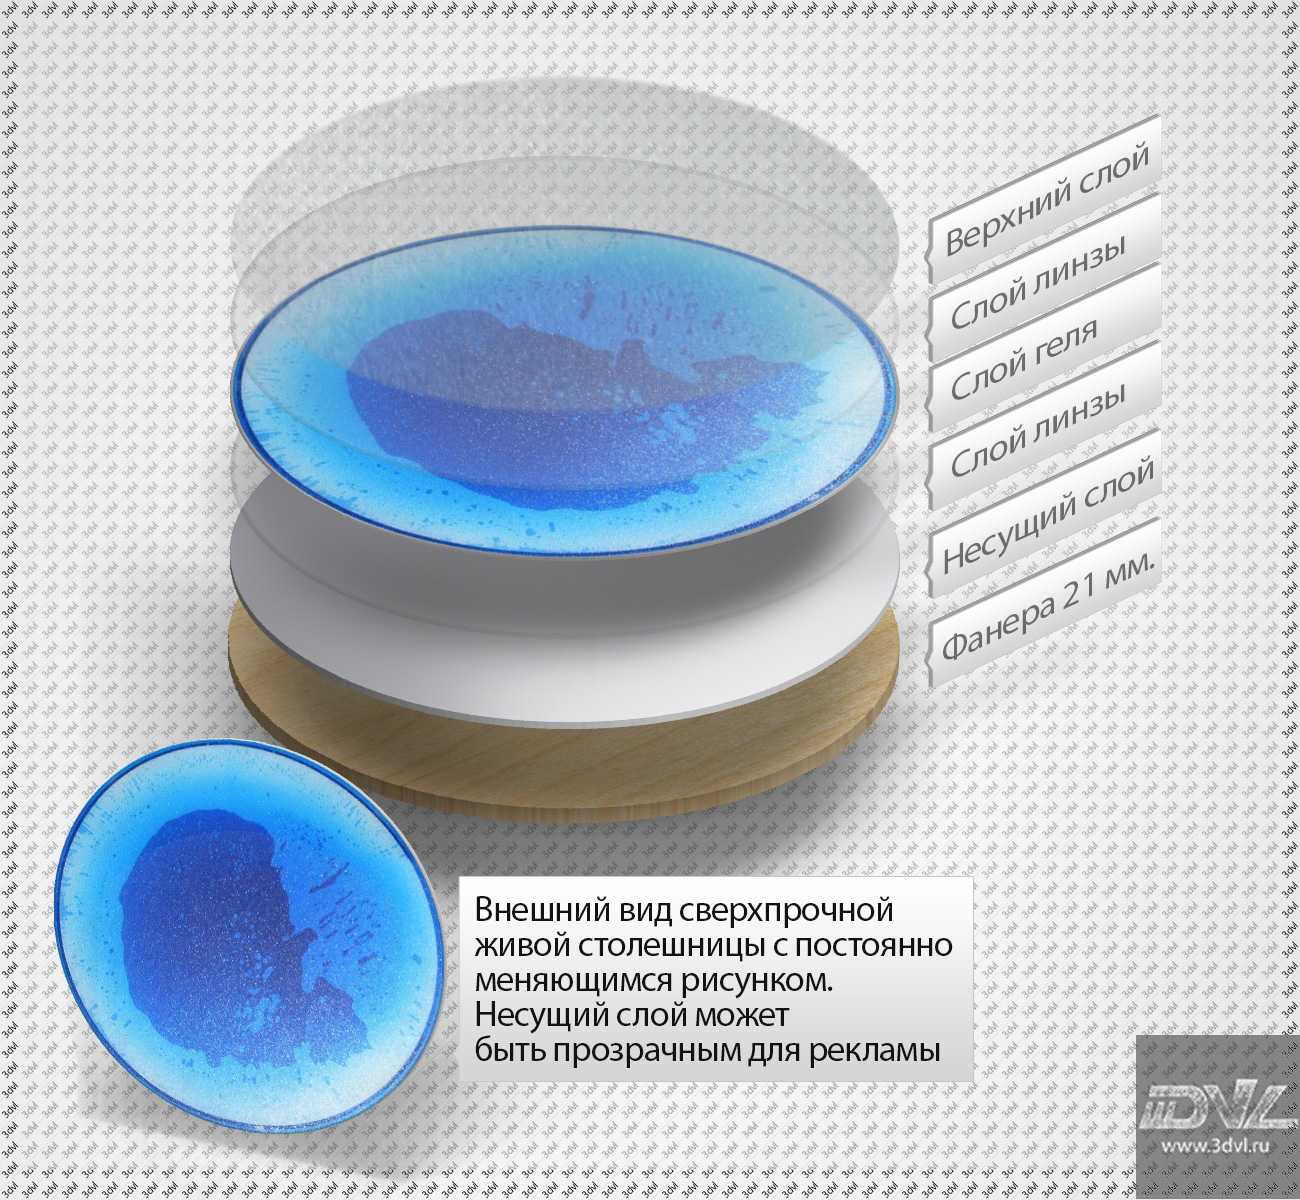 интерактивный стол для кафе liquid table живой стол фото